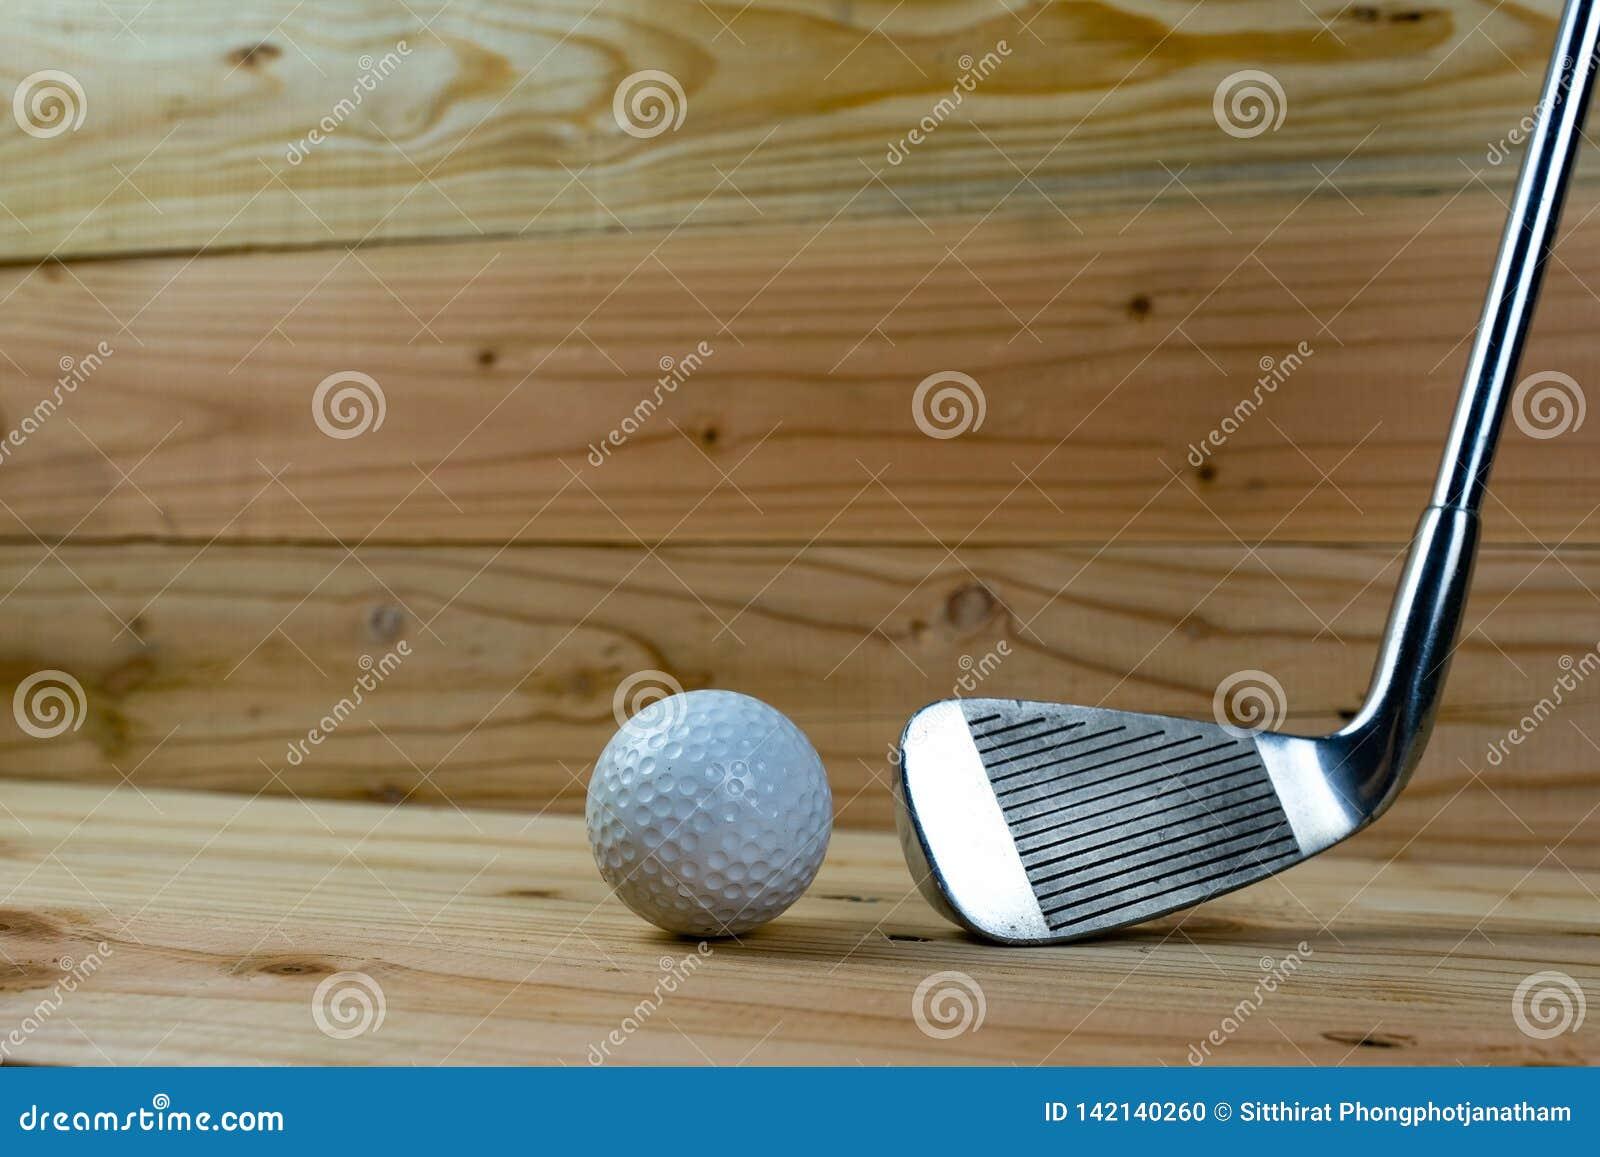 高尔夫球和高尔夫俱乐部在木地板上